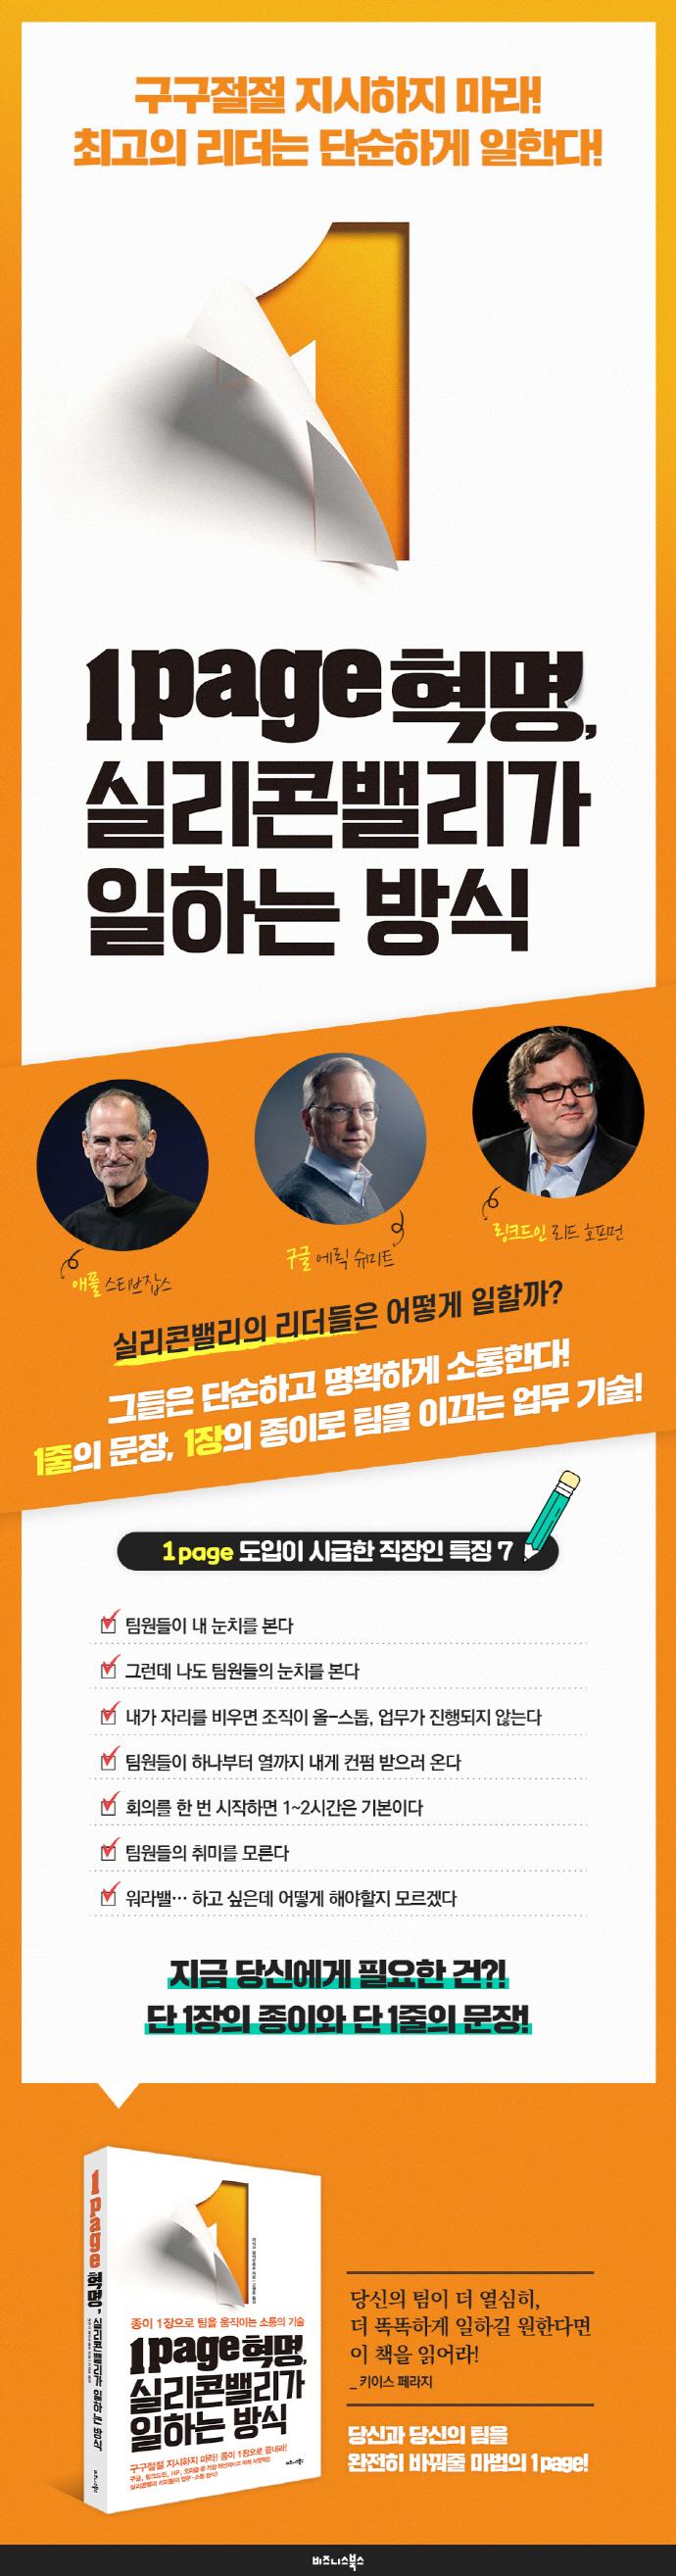 1page 혁명, 실리콘밸리가 일하는 방식 도서 상세이미지